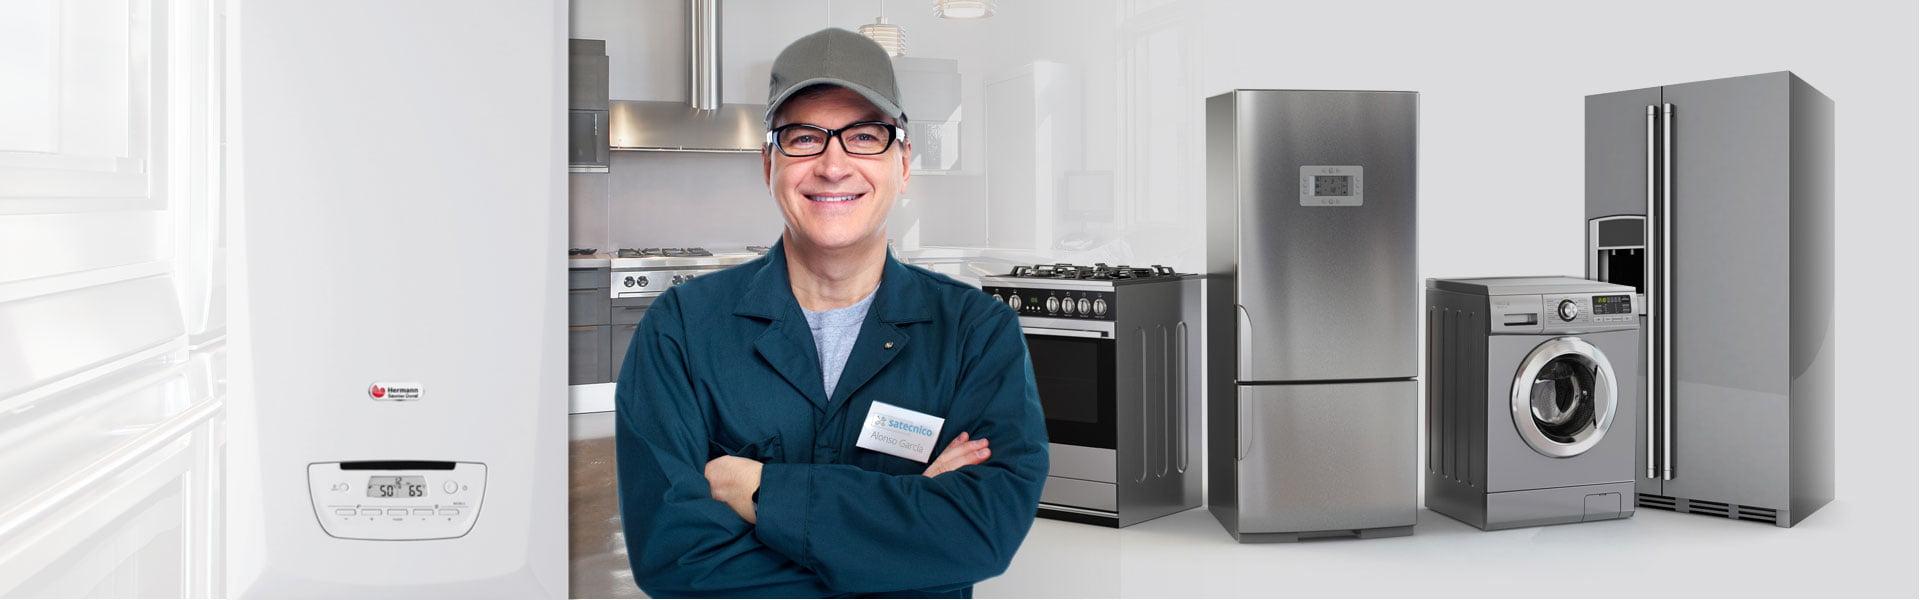 servicio tecnico de calderas y calefaccion